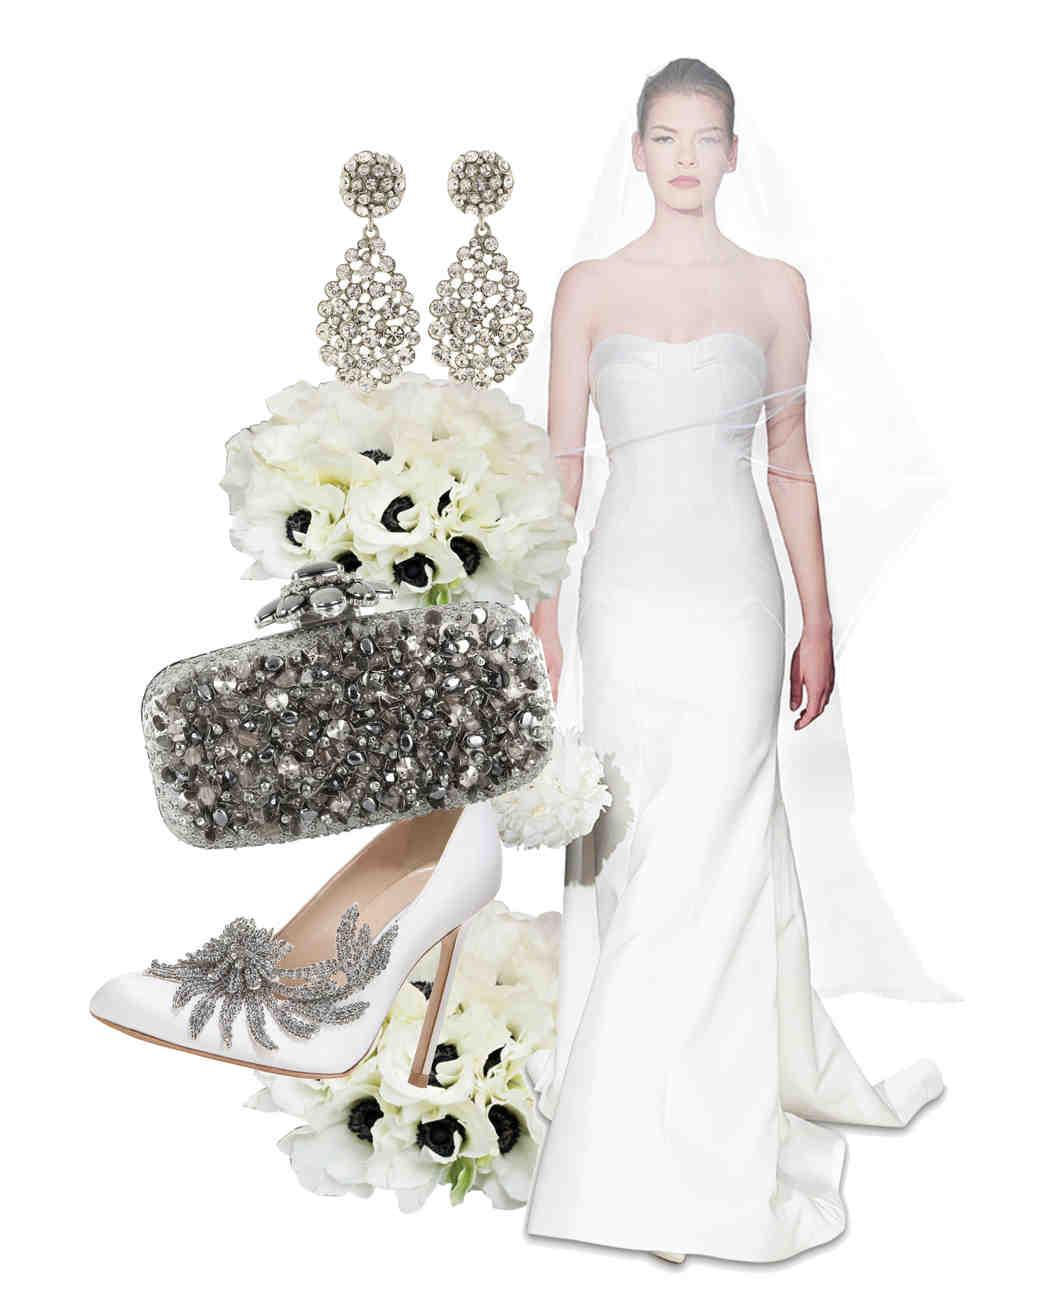 clooney-wedding-bride-reception-look-0914.jpg